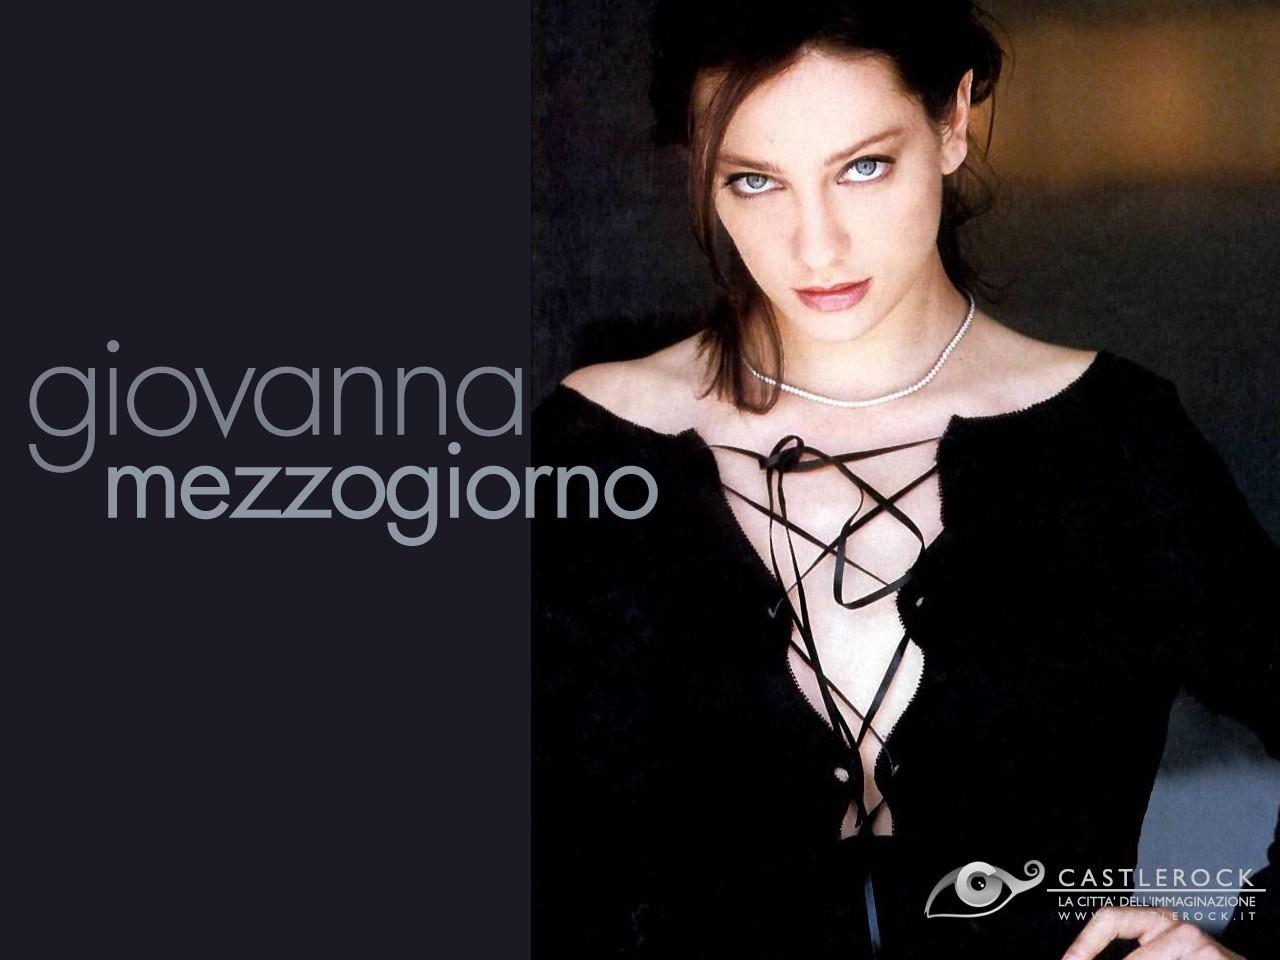 Wallpaper di Giovanna Mezzogiorno